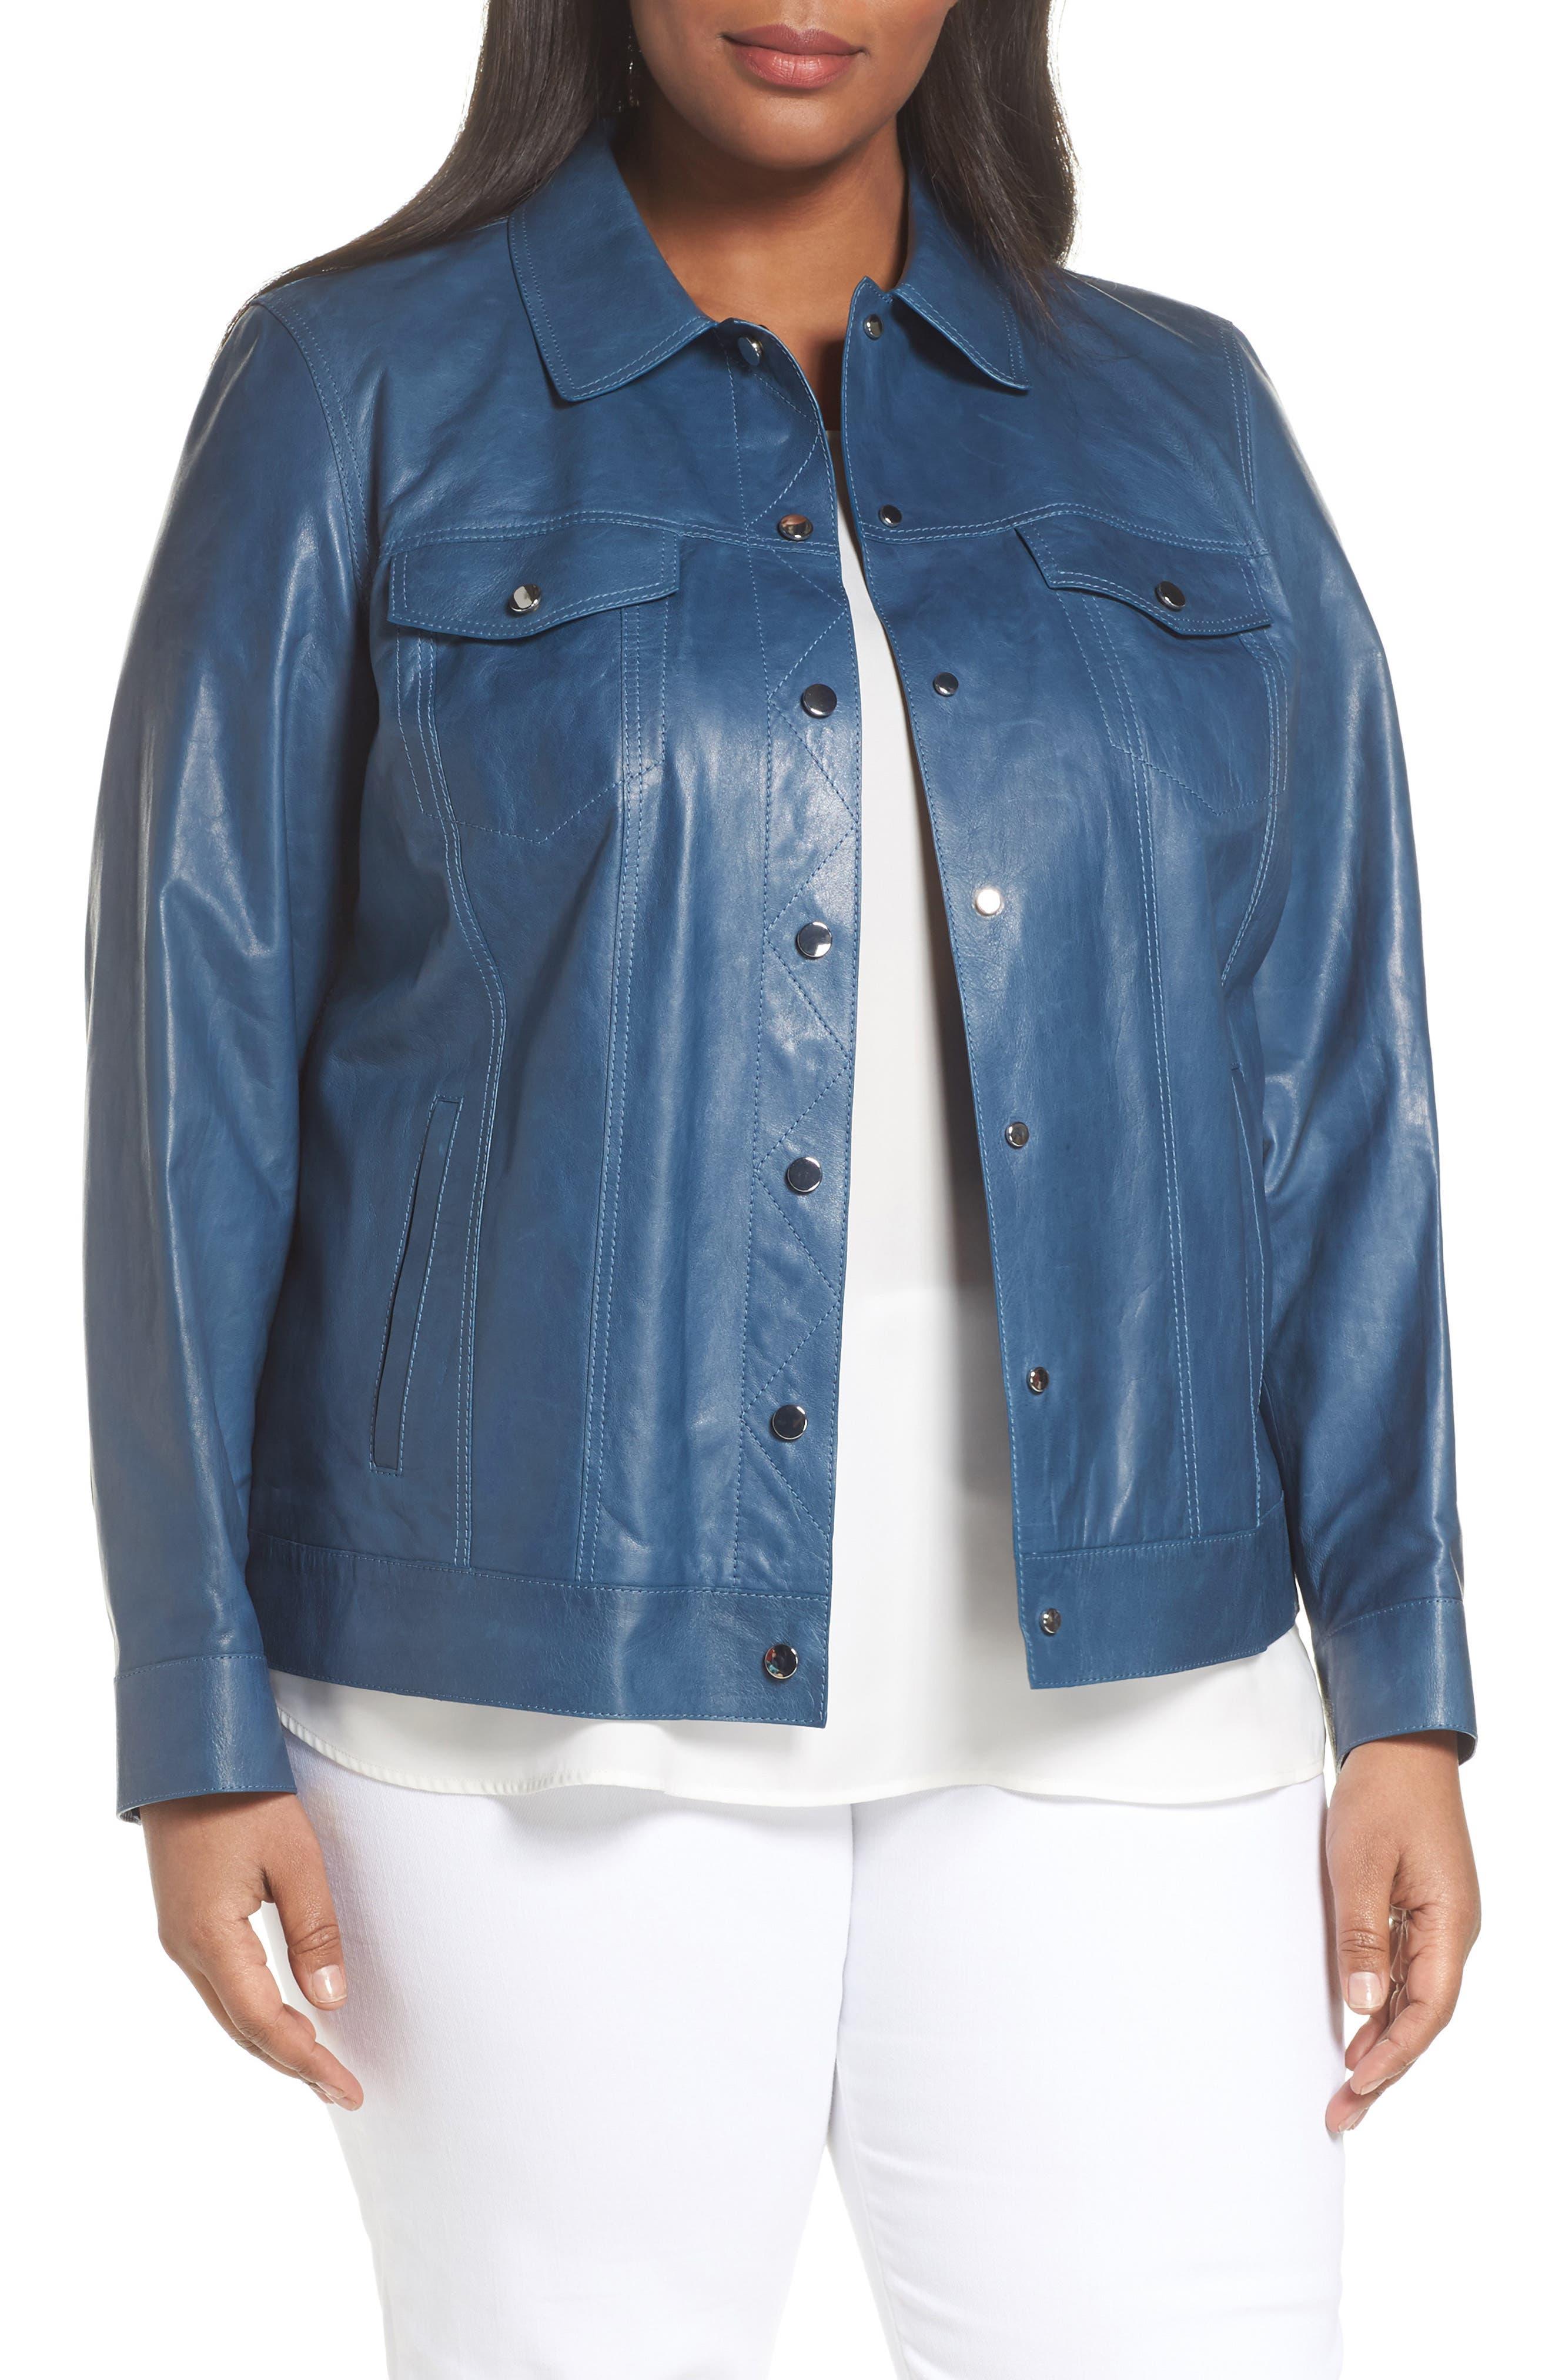 Destiny Leather Jacket,                         Main,                         color, Placid Blue